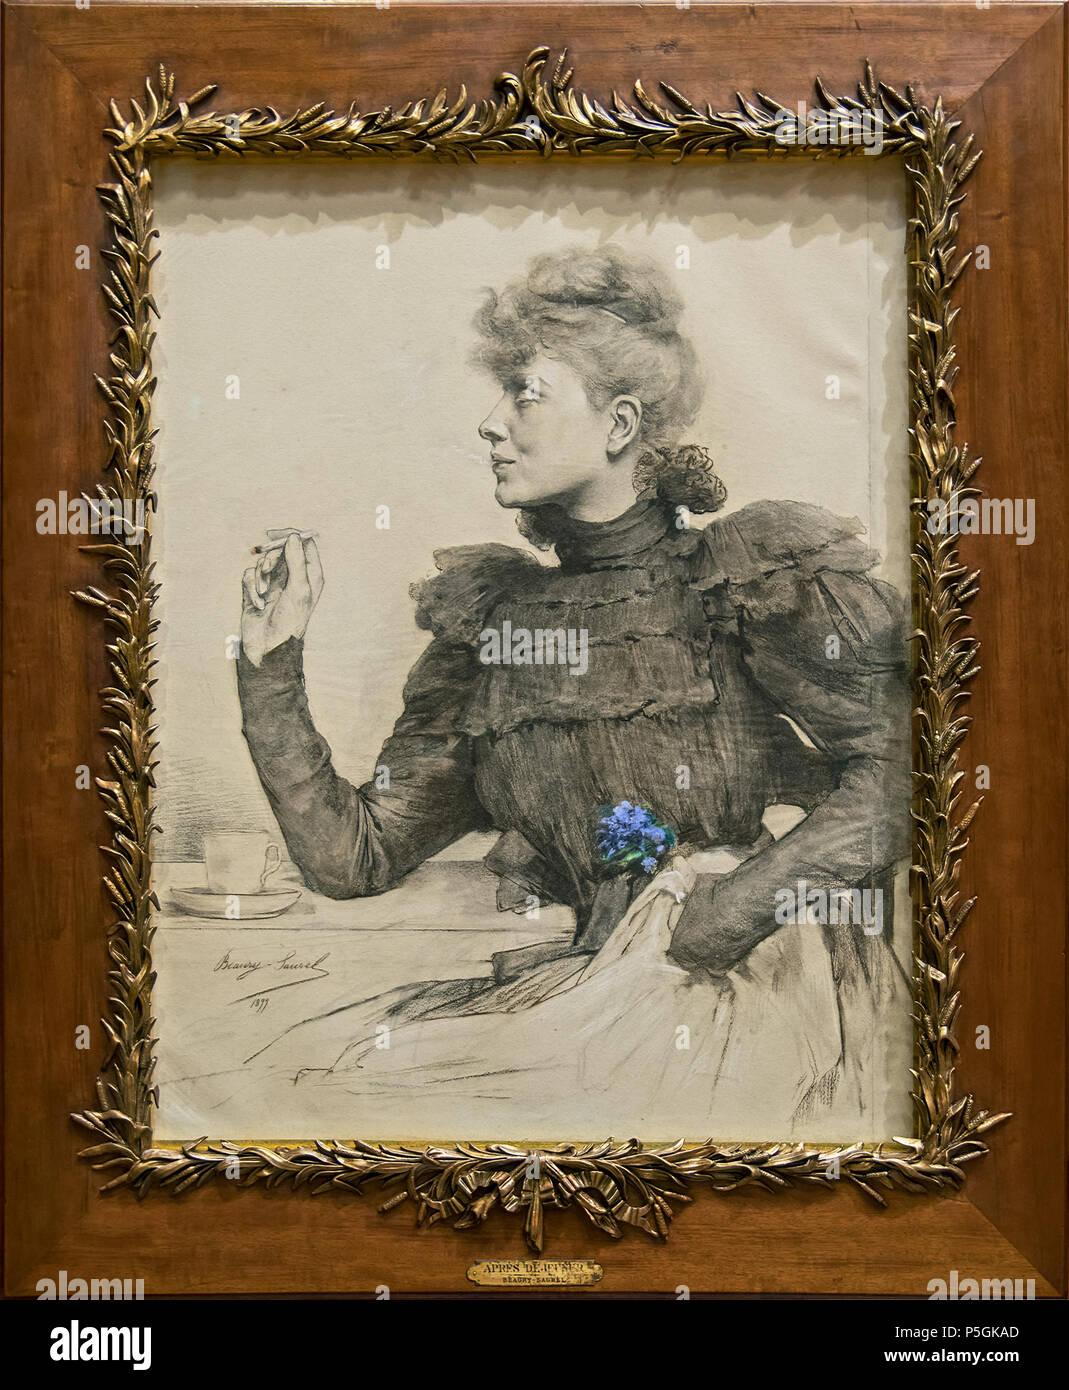 Augustins - Après déjeuner, 1899 Amélie Beaury-Saurel 151 Augustins - Après déjeuner, 1899 Amélie Beaury-Saurel Foto Stock